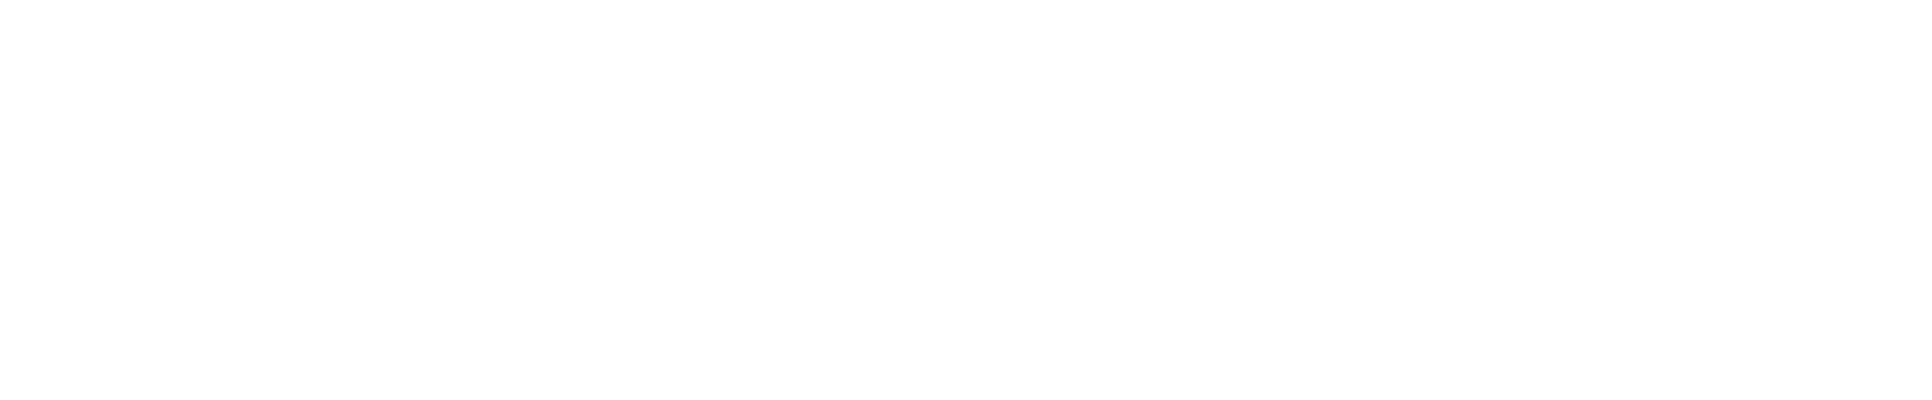 noalt